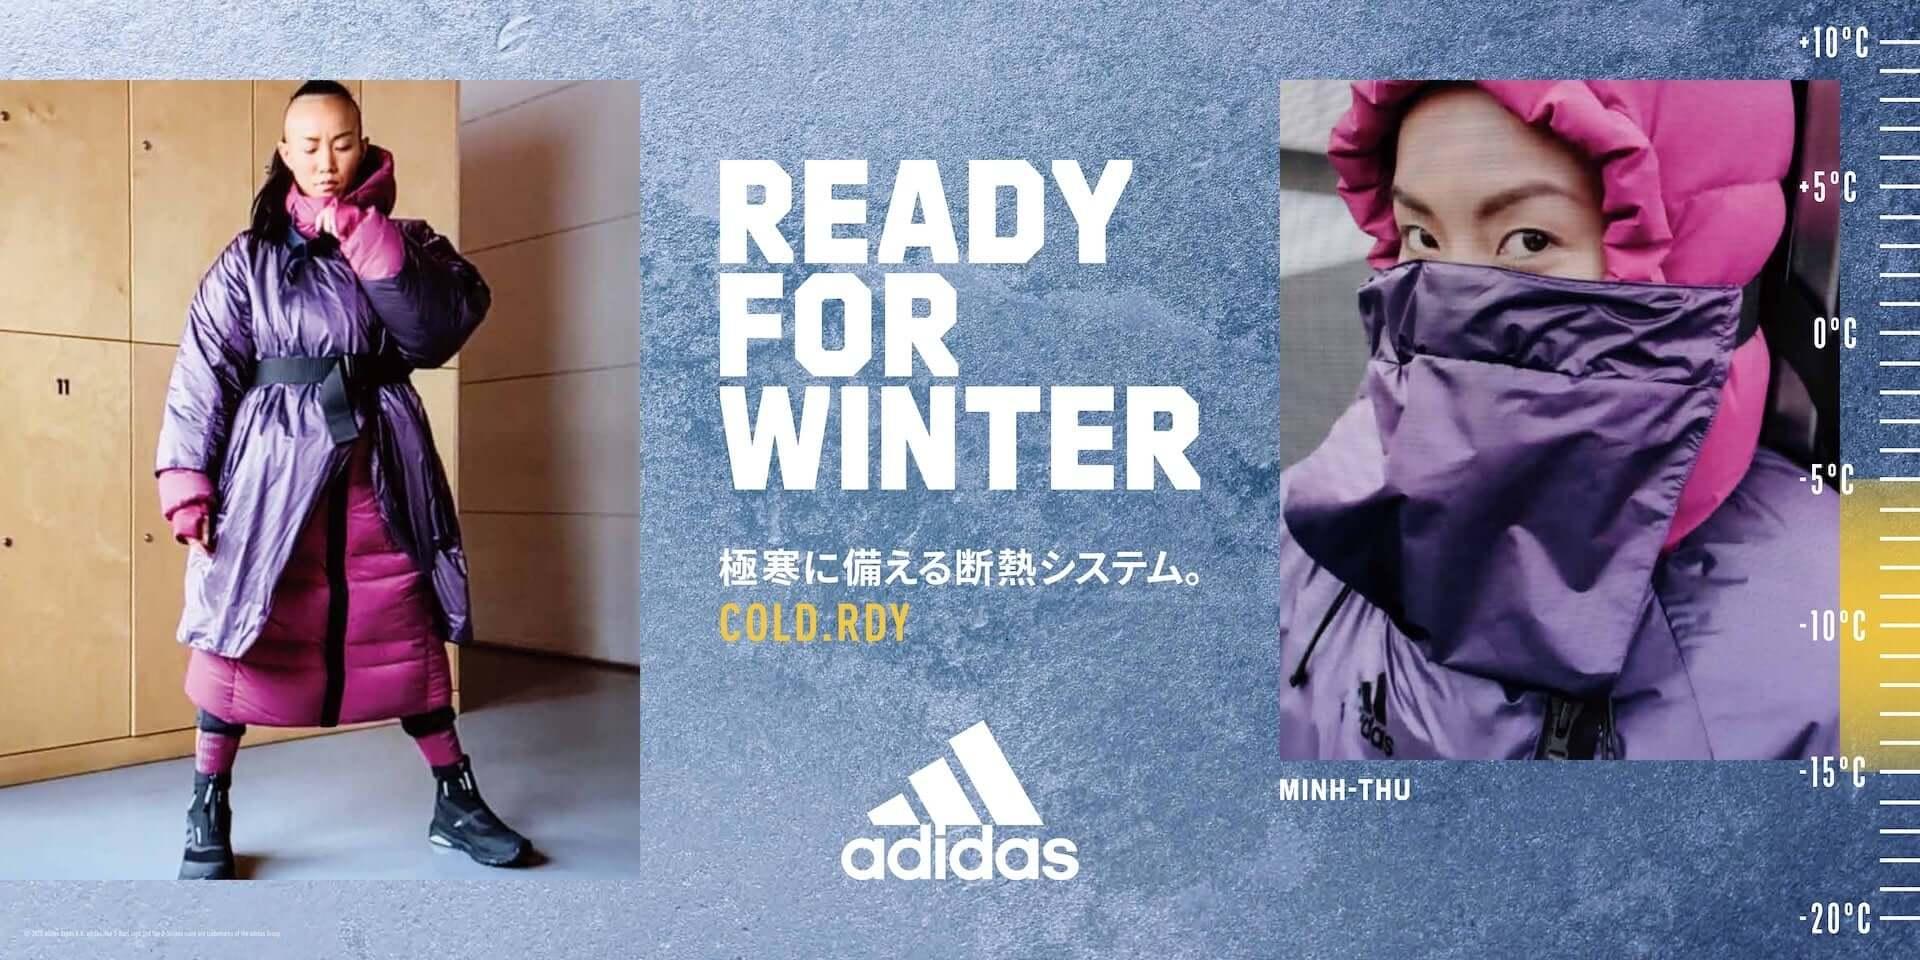 アディダスが2020年秋冬コレクション「adidas COLD. RDY」を発表!暖かさを保つスポーツウェア、シューズなど多数展開 lf201009_adidas_11-1920x960